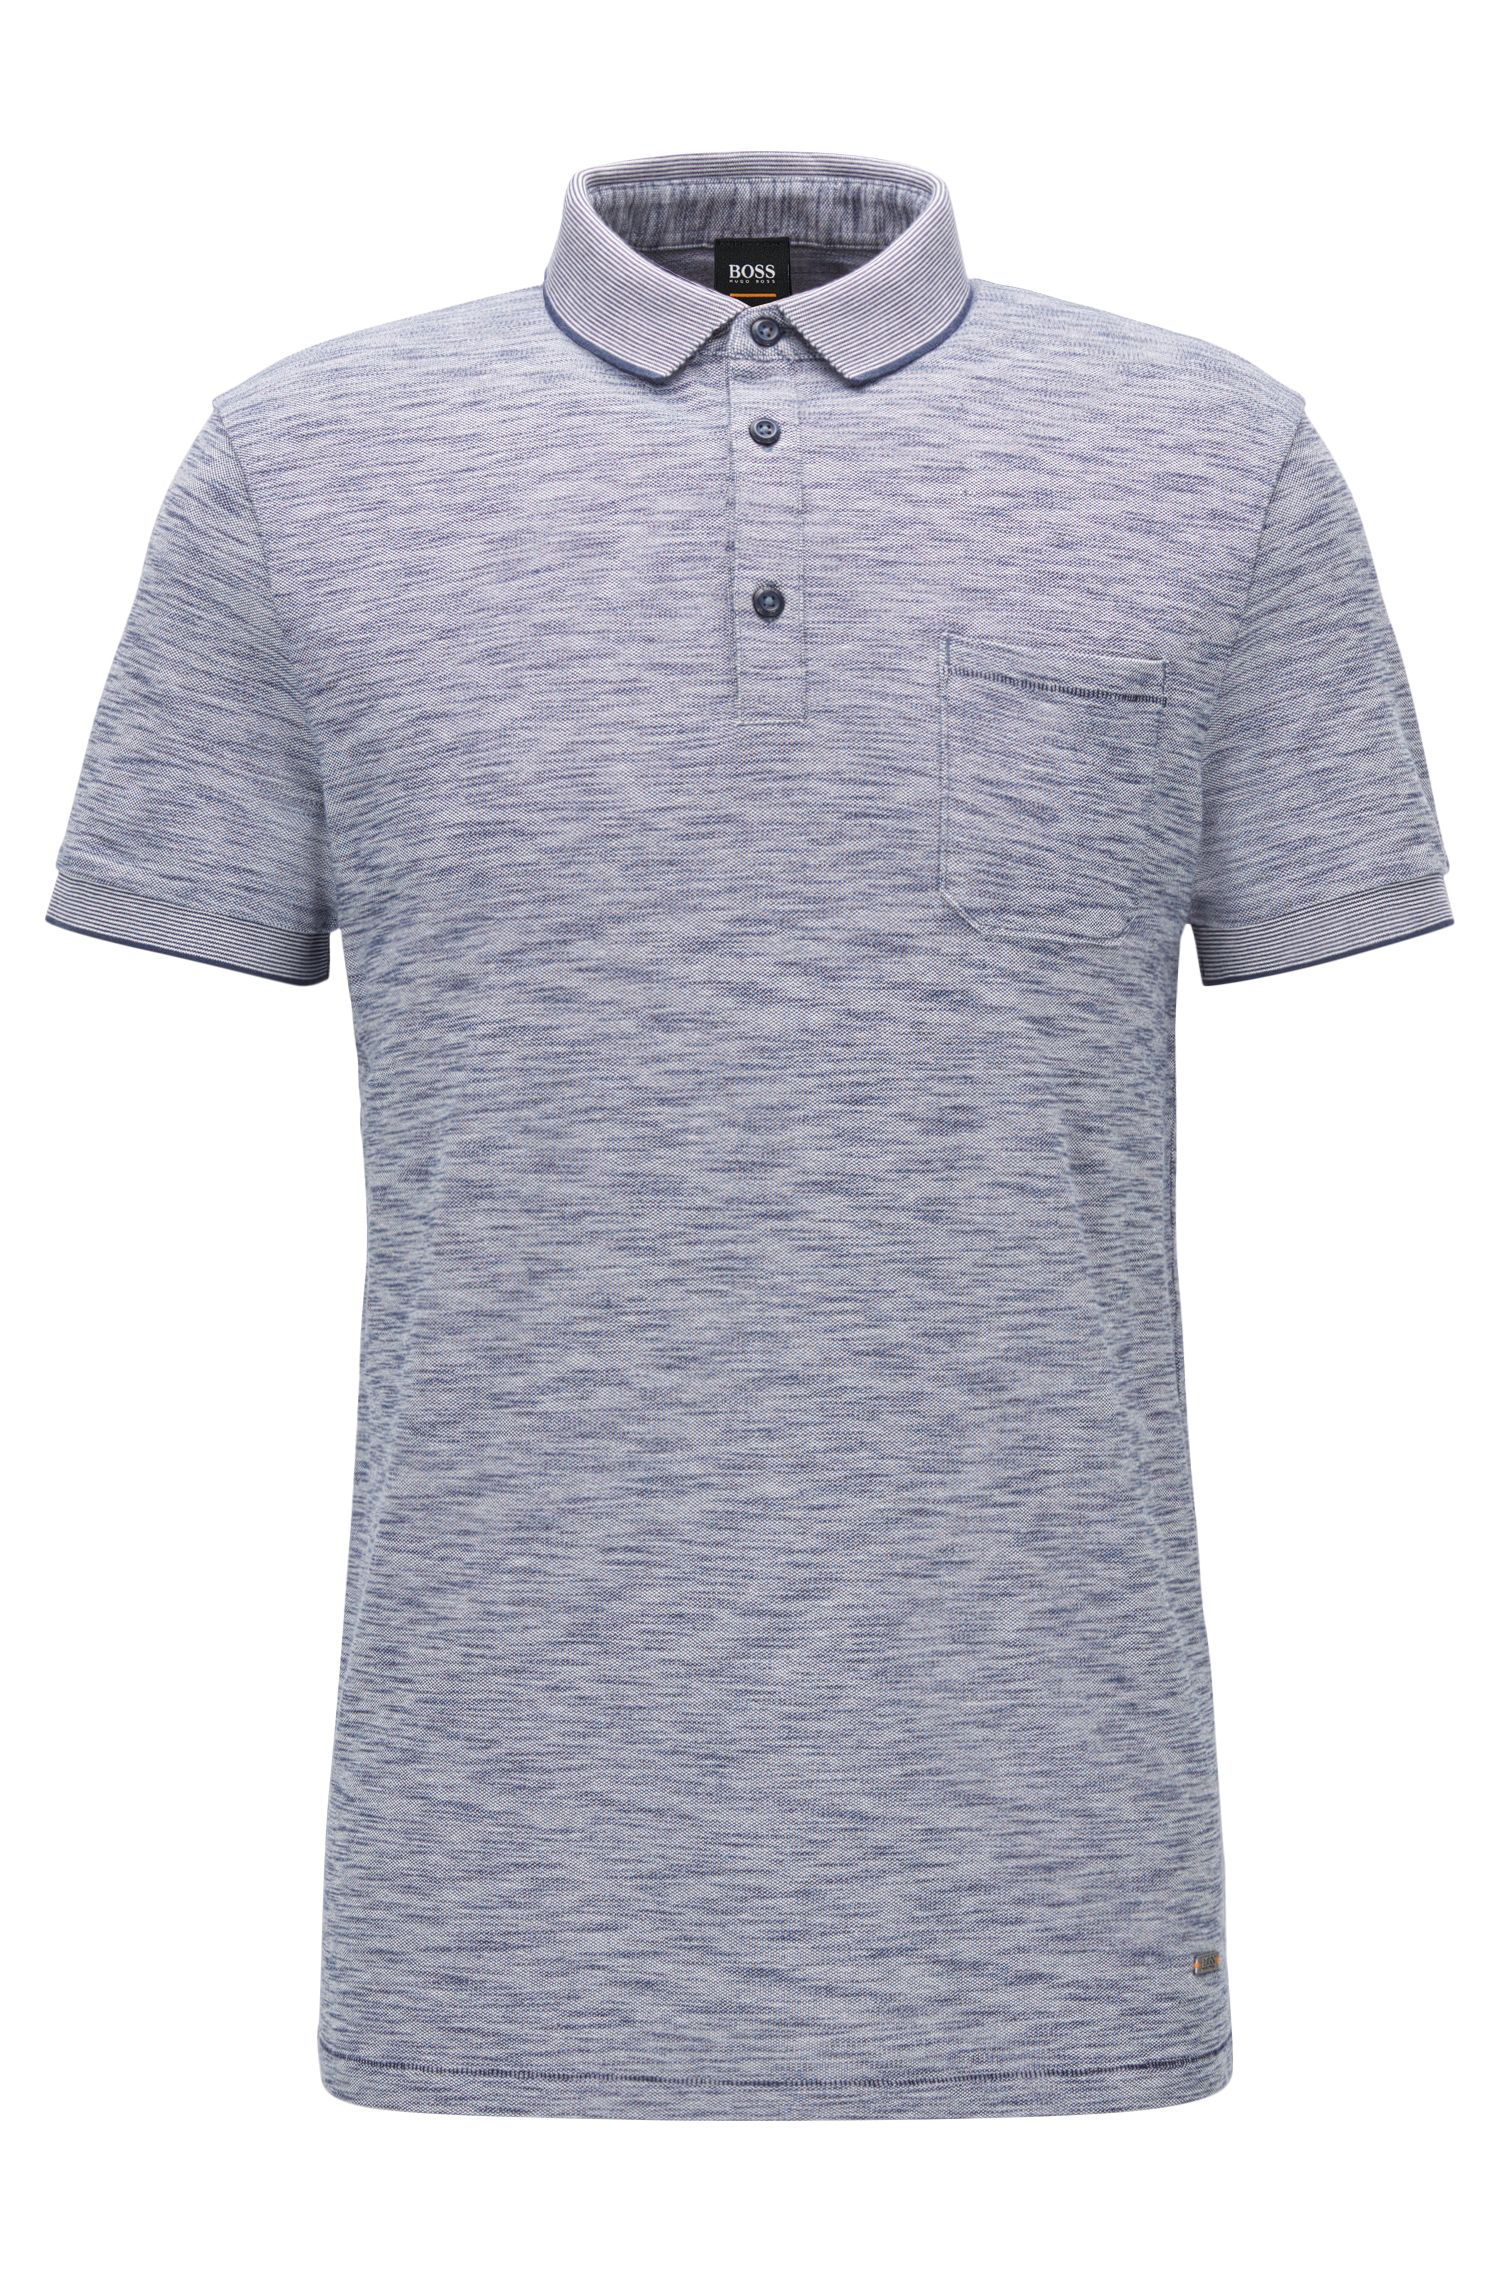 Regular-Fit Poloshirt aus elastischem Baumwoll-Piqué